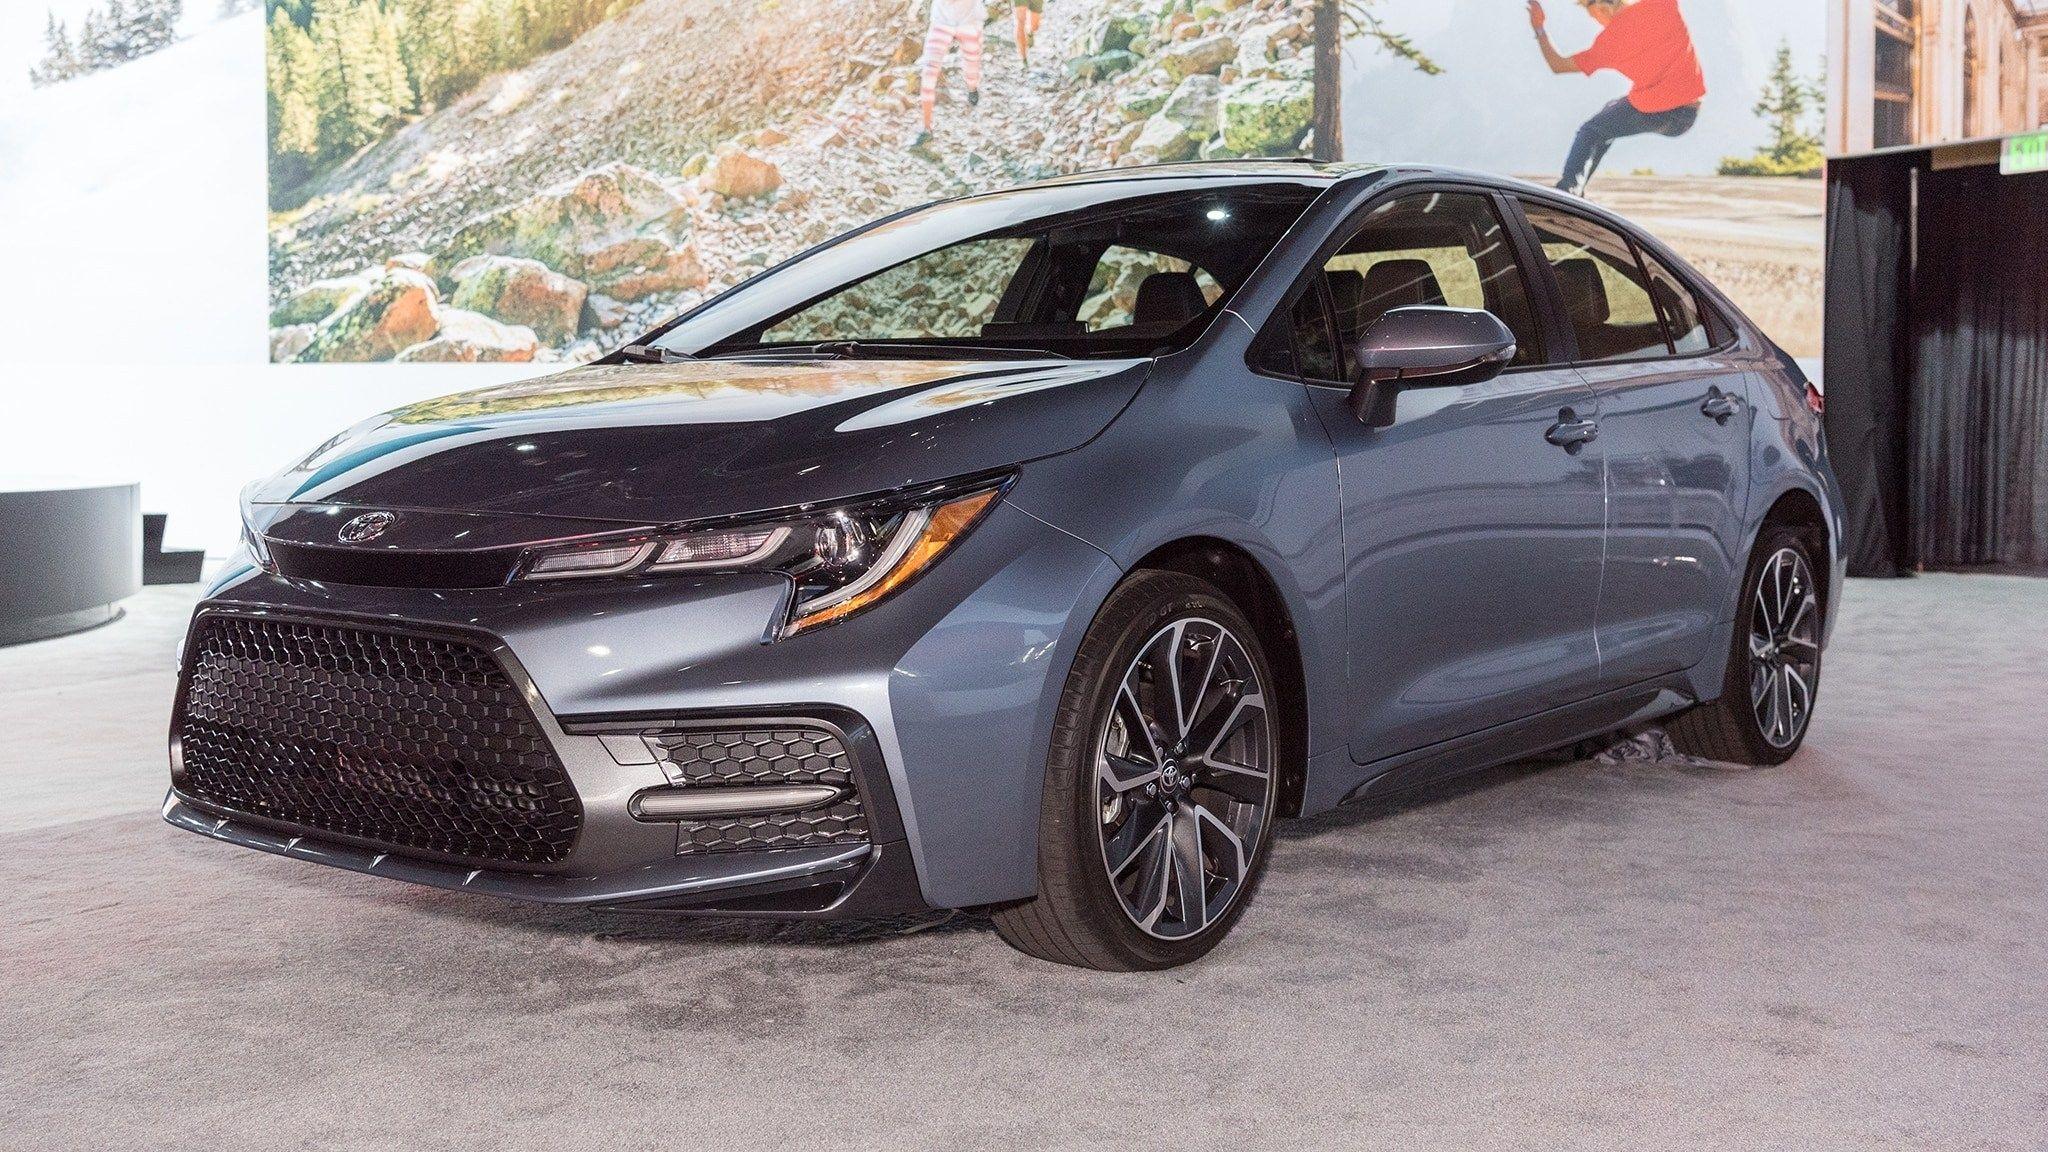 Auto Showdown 2019 Mazda3 Vs 2020 Toyota Corolla Motor Trend Canada Concept Redesign And Review Toyota Corolla New Cars Toyota